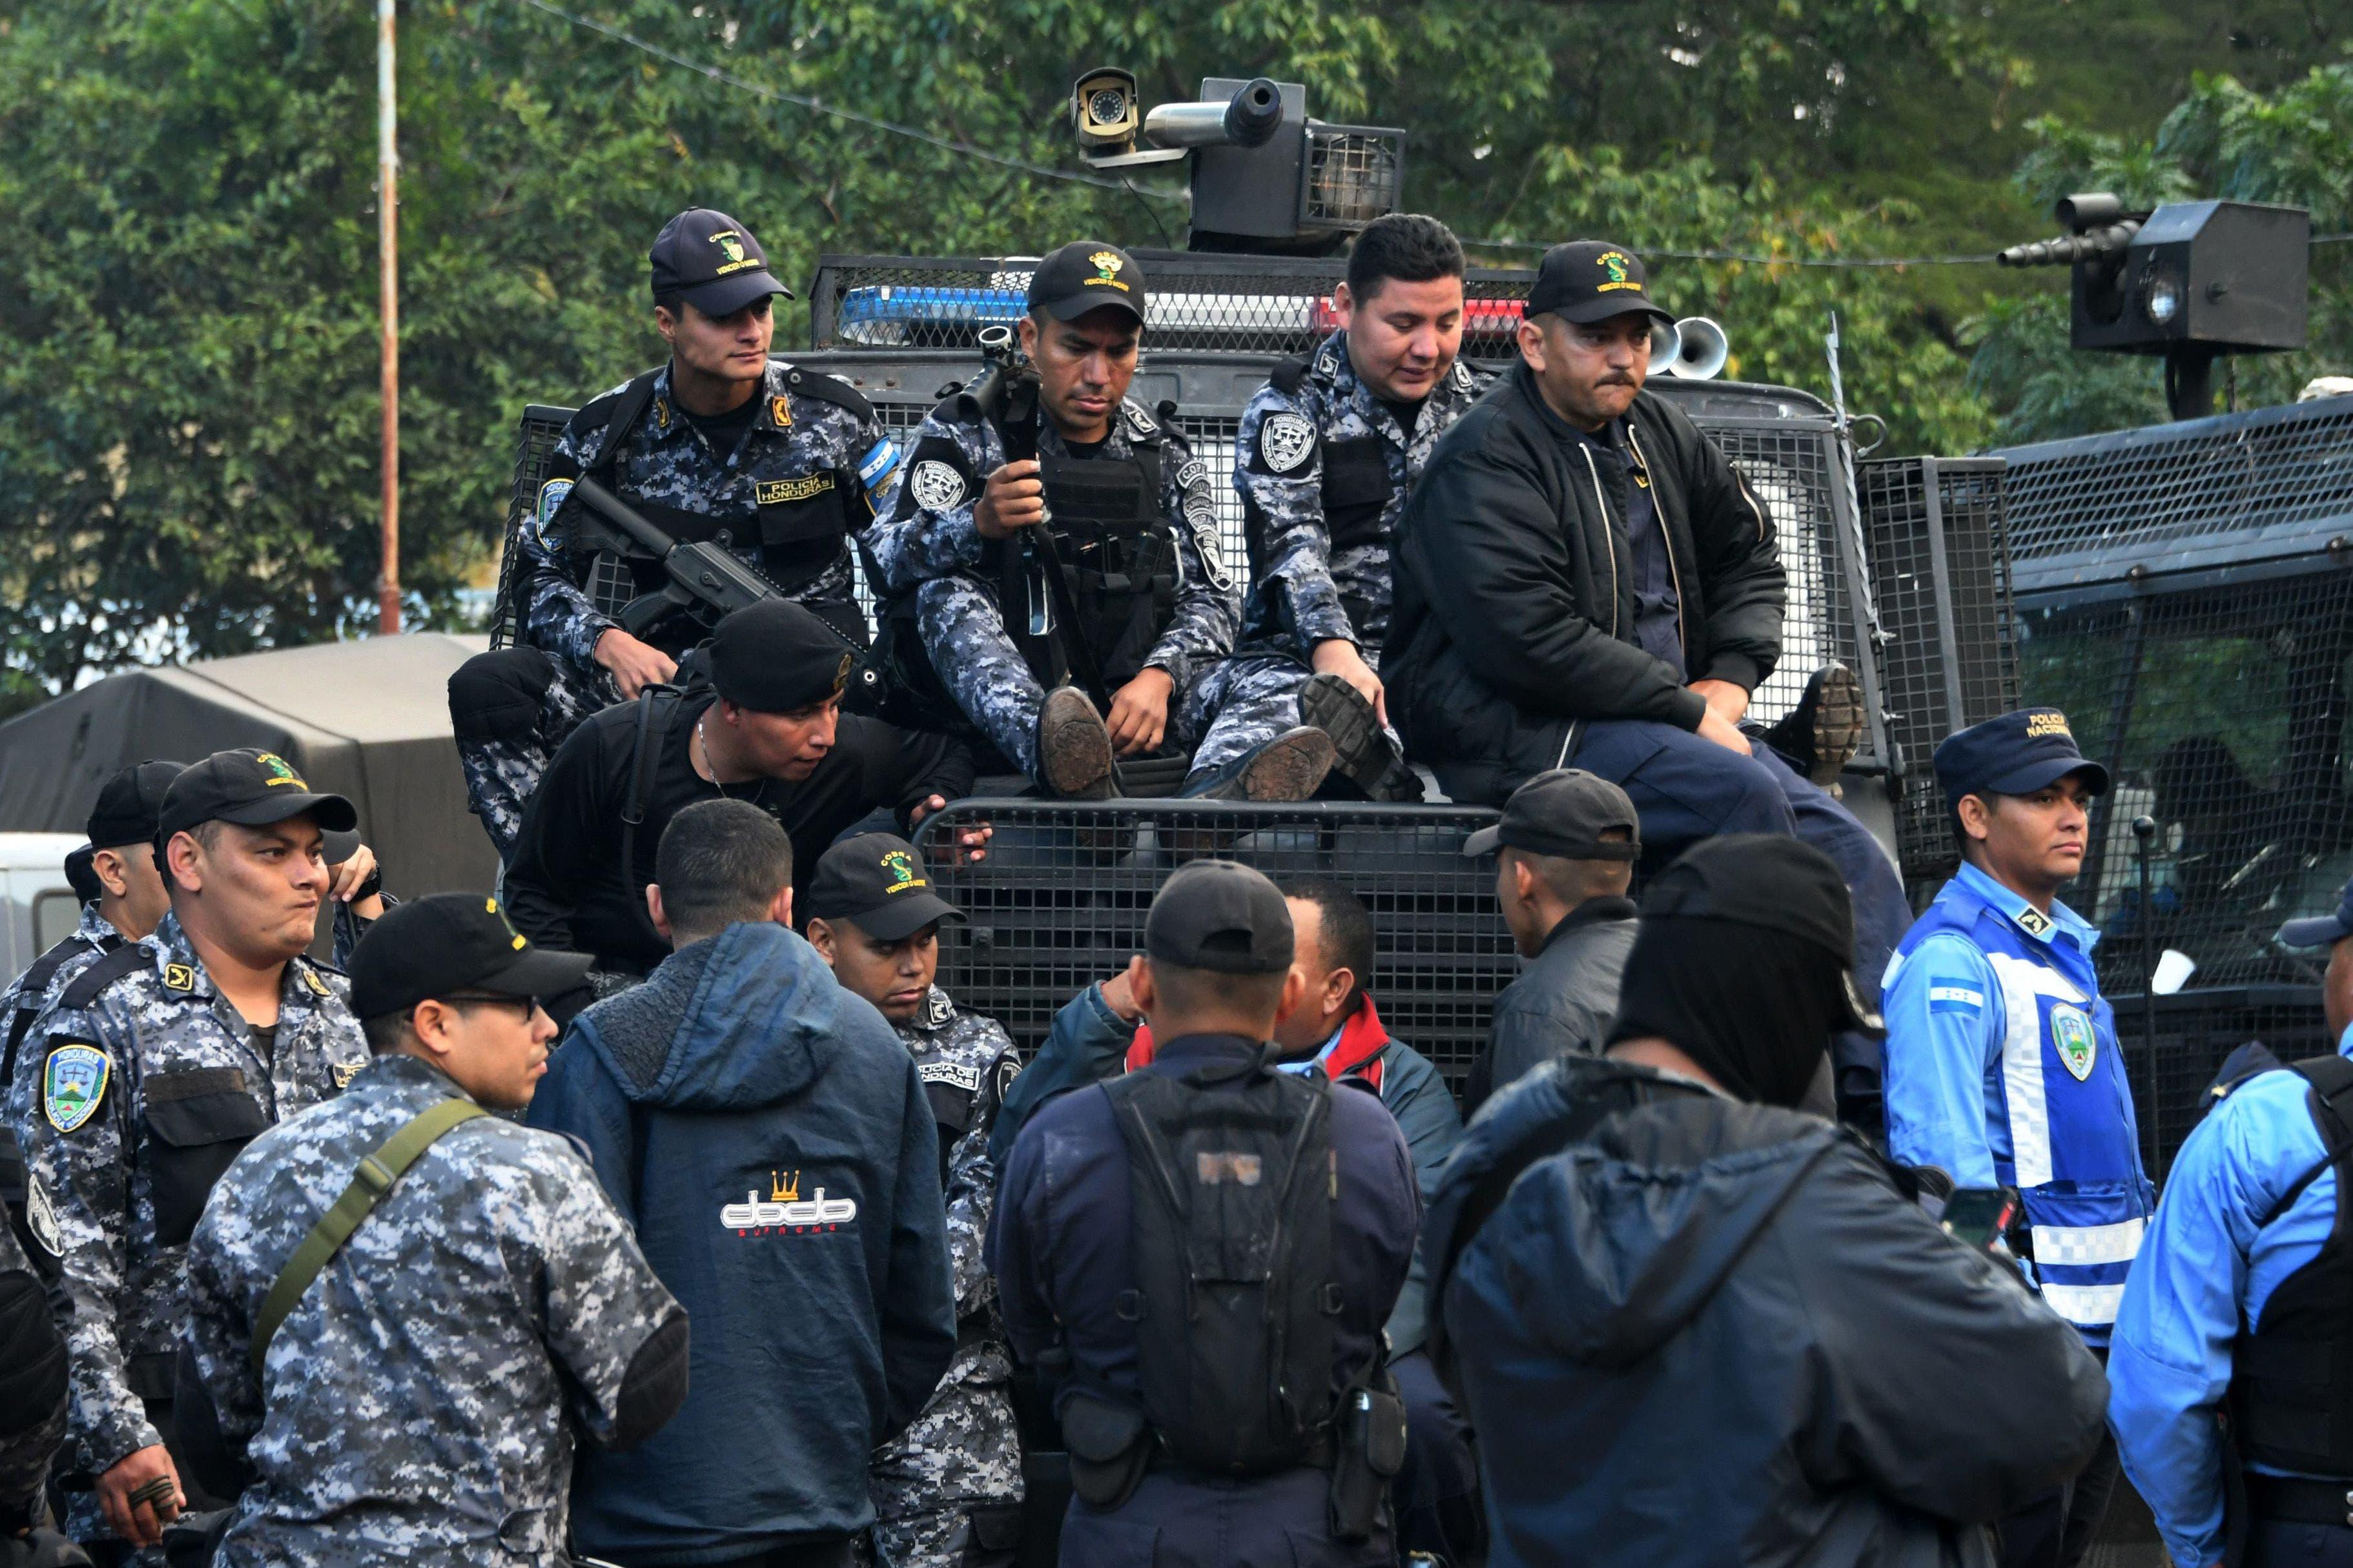 """Los policías piden al Gobierno hondureño que """"busque la mejor salida"""" a la crisis política que vive el país tras los comicios del pasado 26 de noviembre, y aseguran que su protesta """"no se debe a ideales políticos""""."""